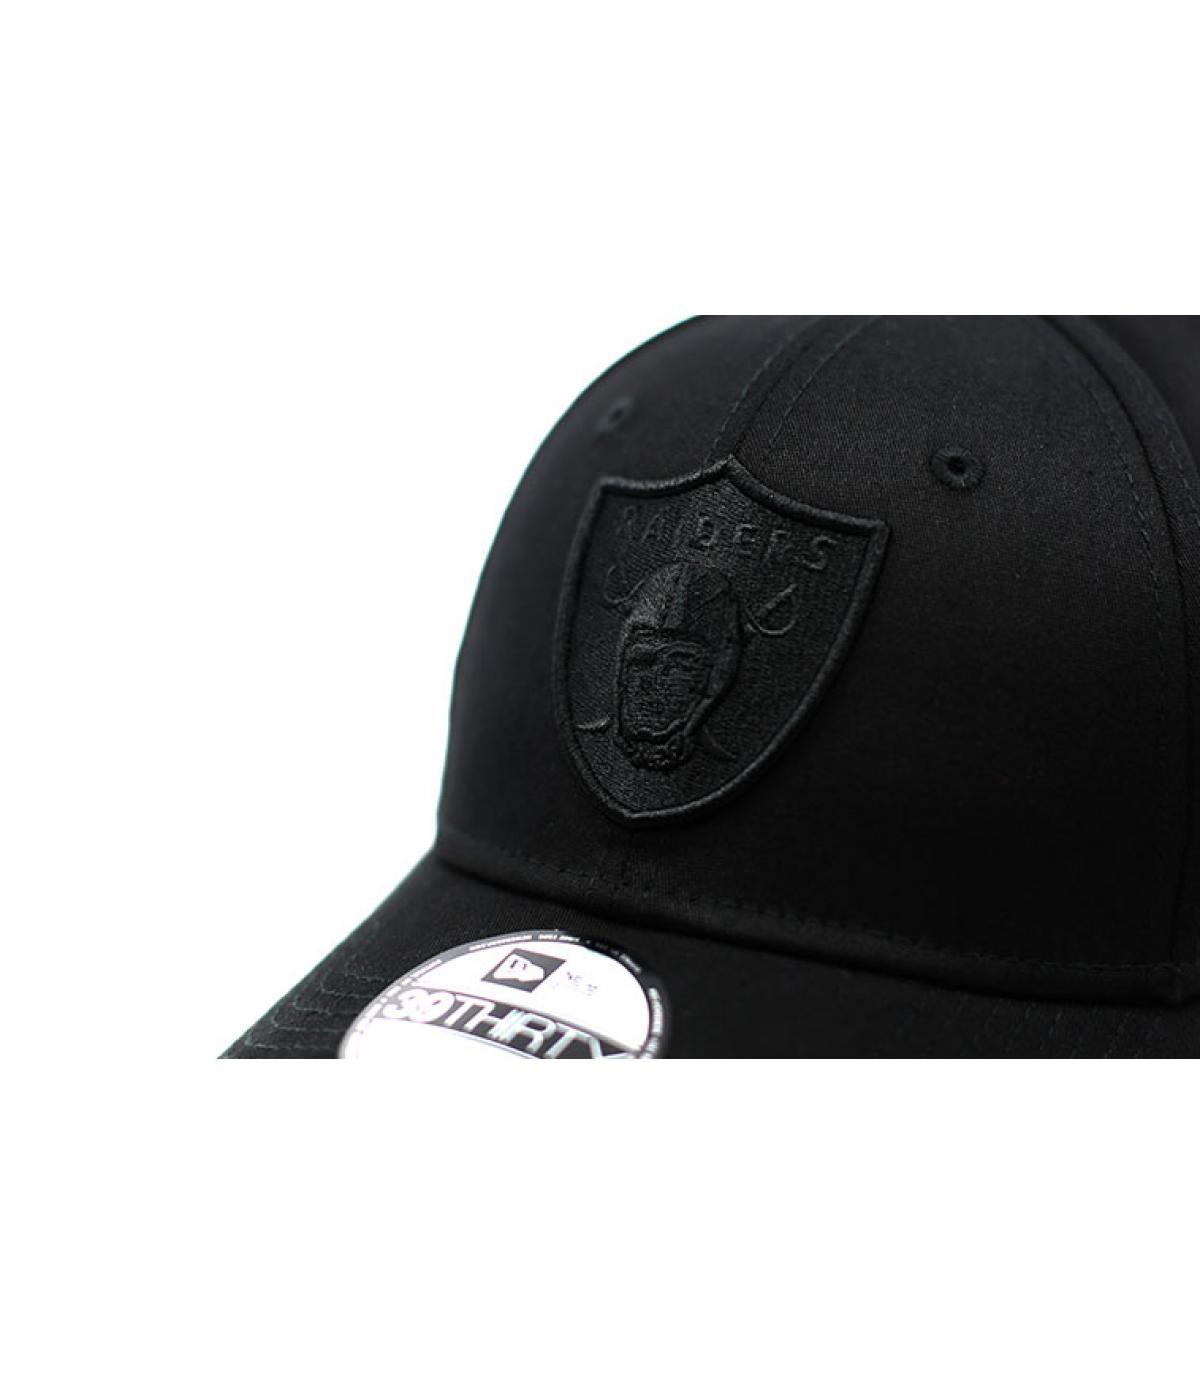 Détails Casquette Raiders Black On Black 39Thirty - image 3